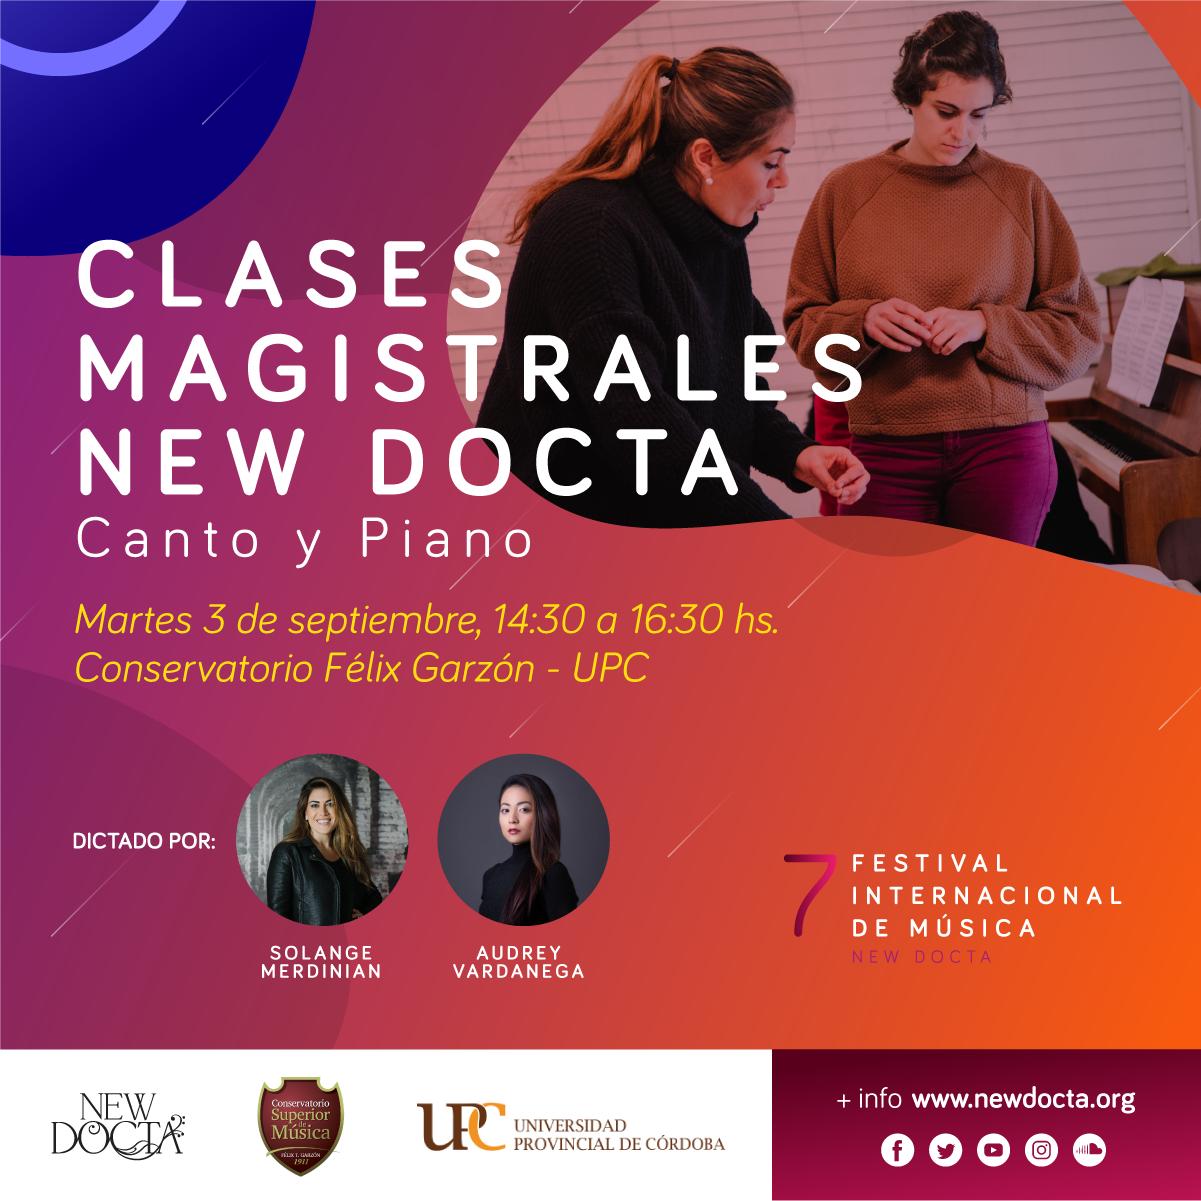 Clase Magistral de Canto y Piano - Martes 3/9/201914:30 a 16:30Conservatorio UPCAv. Pablo Ricchieri 1955, Córdoba